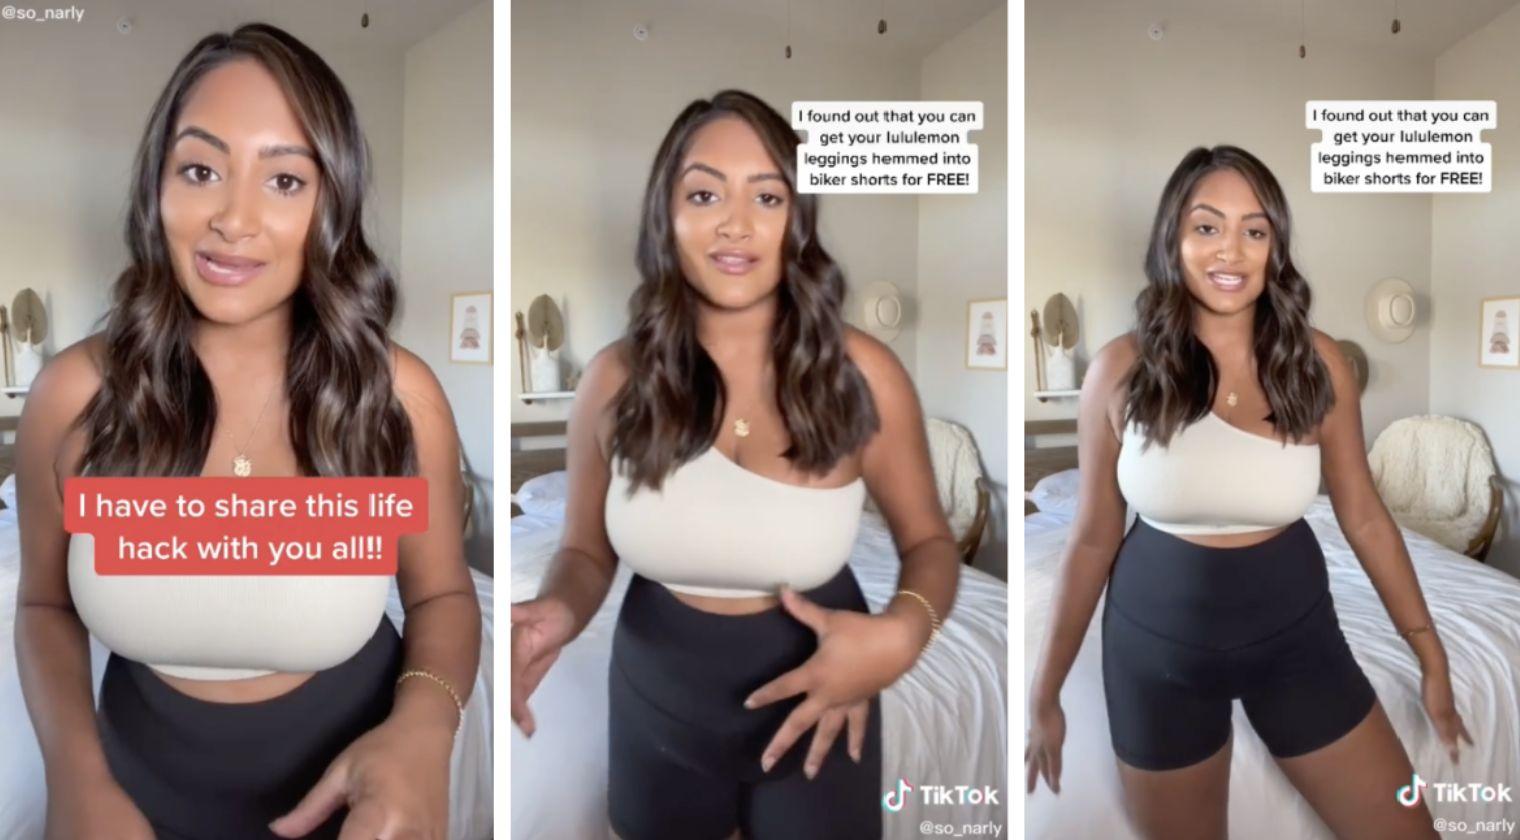 Lululemon leggings TikTok hack: 'I was shook when I found out'